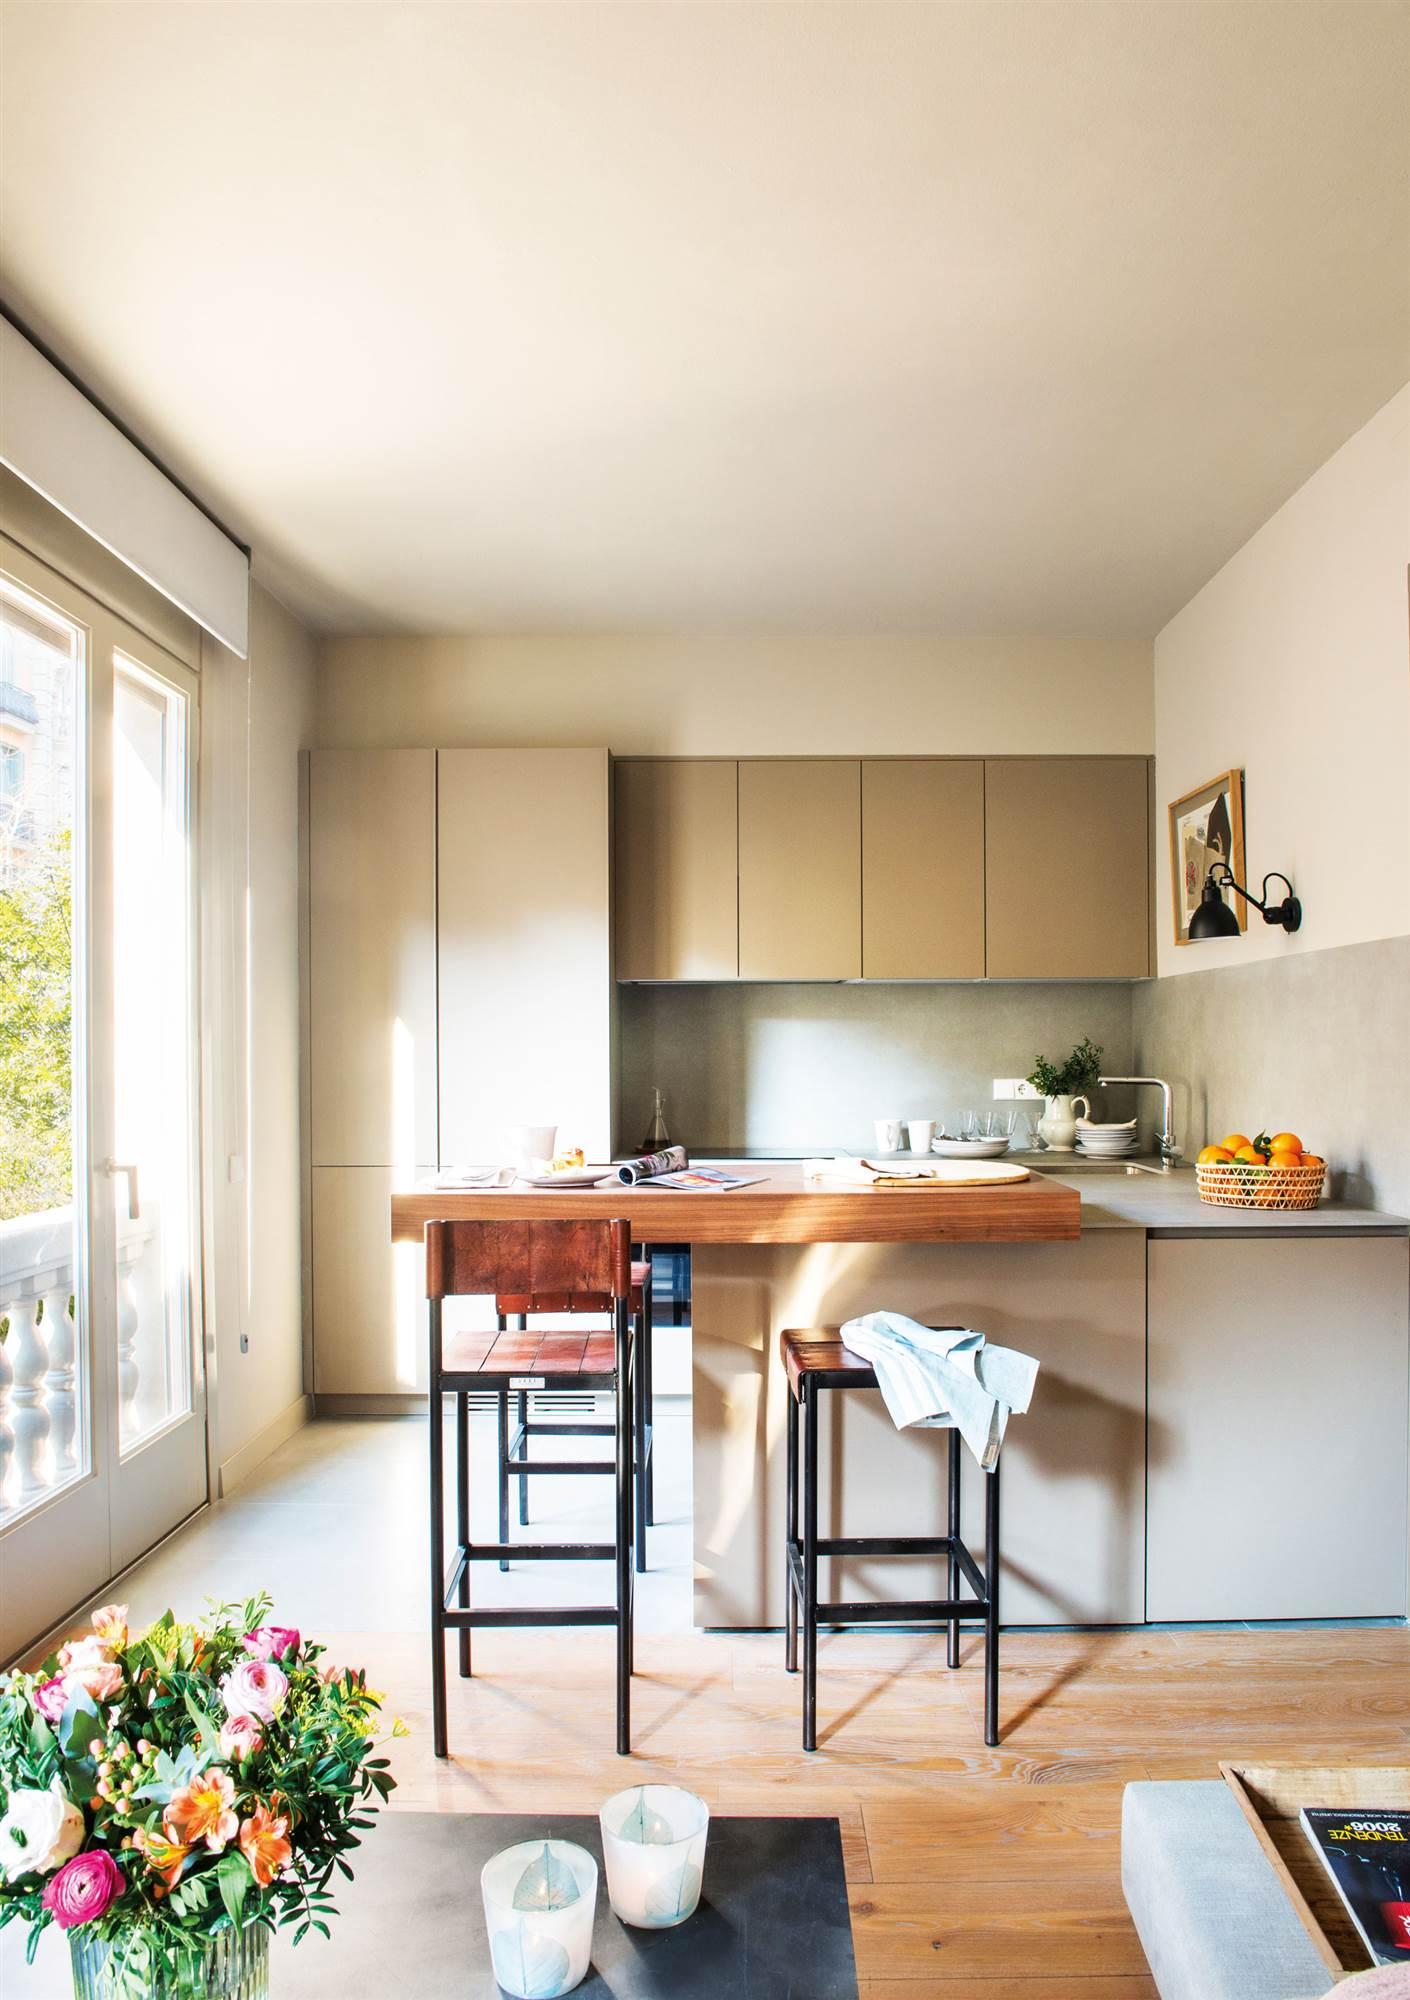 00469234. Cocina abierta al salón por una península. En colores verdes y madera 00469234